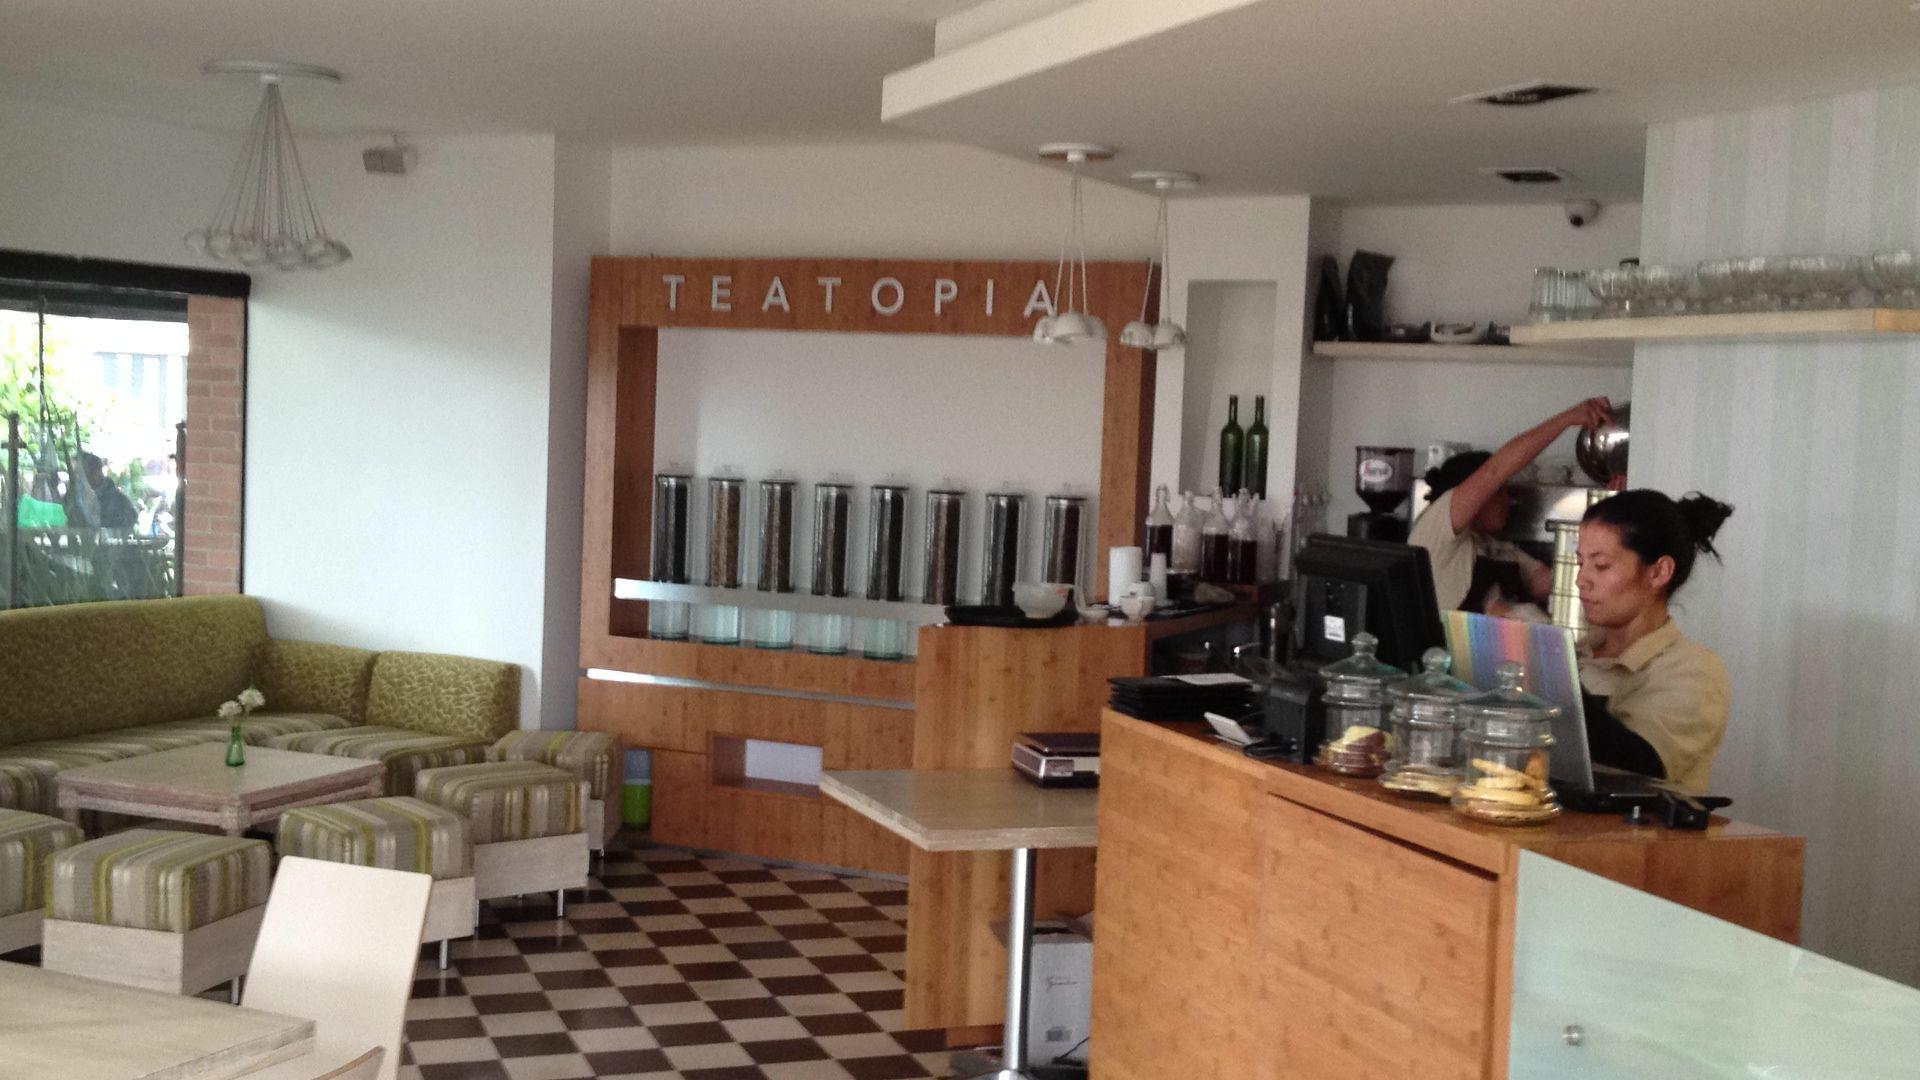 Teatopia Calle 93B con Cr. 14 en Bogotá. Lindo sitio. Carta agradable para un almuerzo ligero.